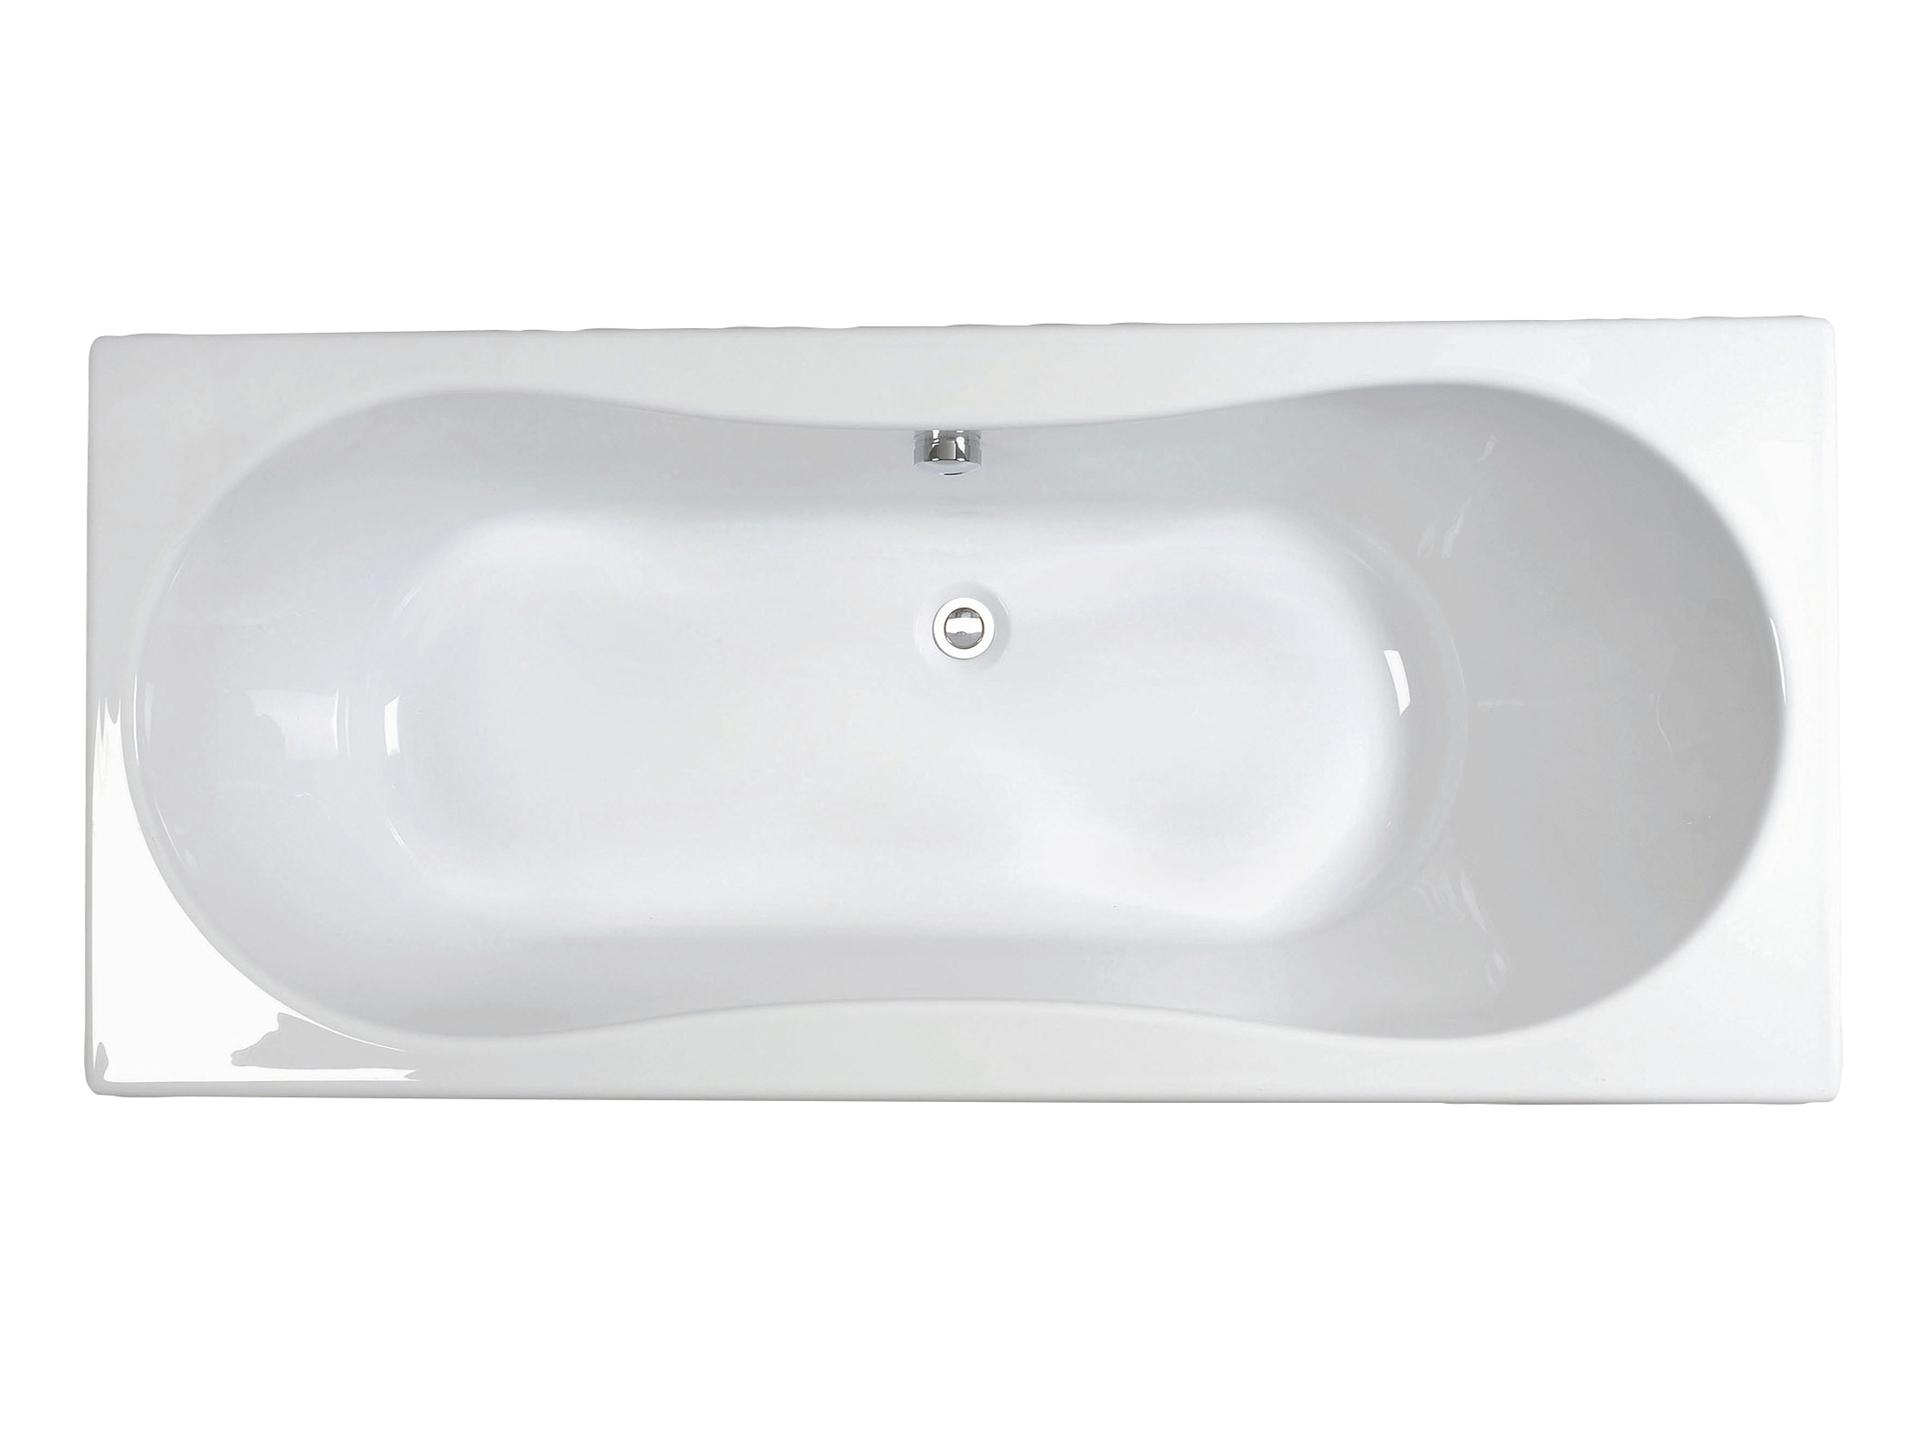 baignoire sabot 90x90 baignoire baignoire dangle ou baignoire sabot voici plus de modles de. Black Bedroom Furniture Sets. Home Design Ideas